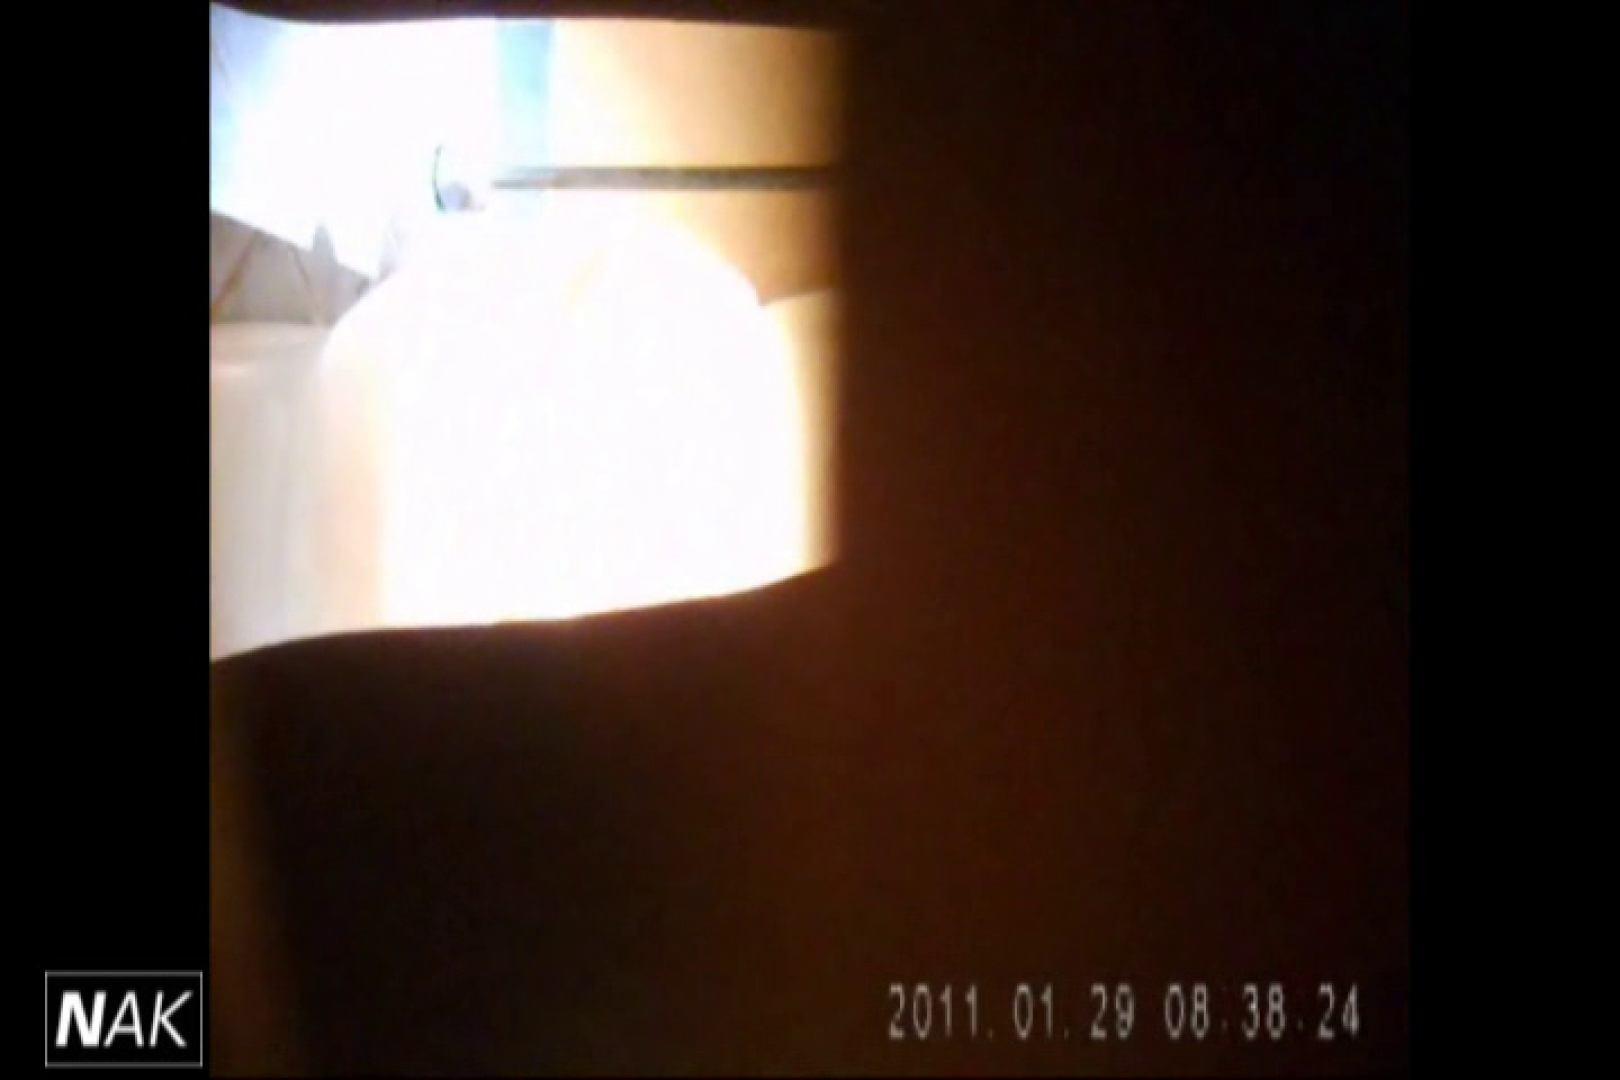 せん八さんの厠観察日記!2点監視カメラ 高画質5000K vol.18 高画質 ヌード画像 104PIX 59